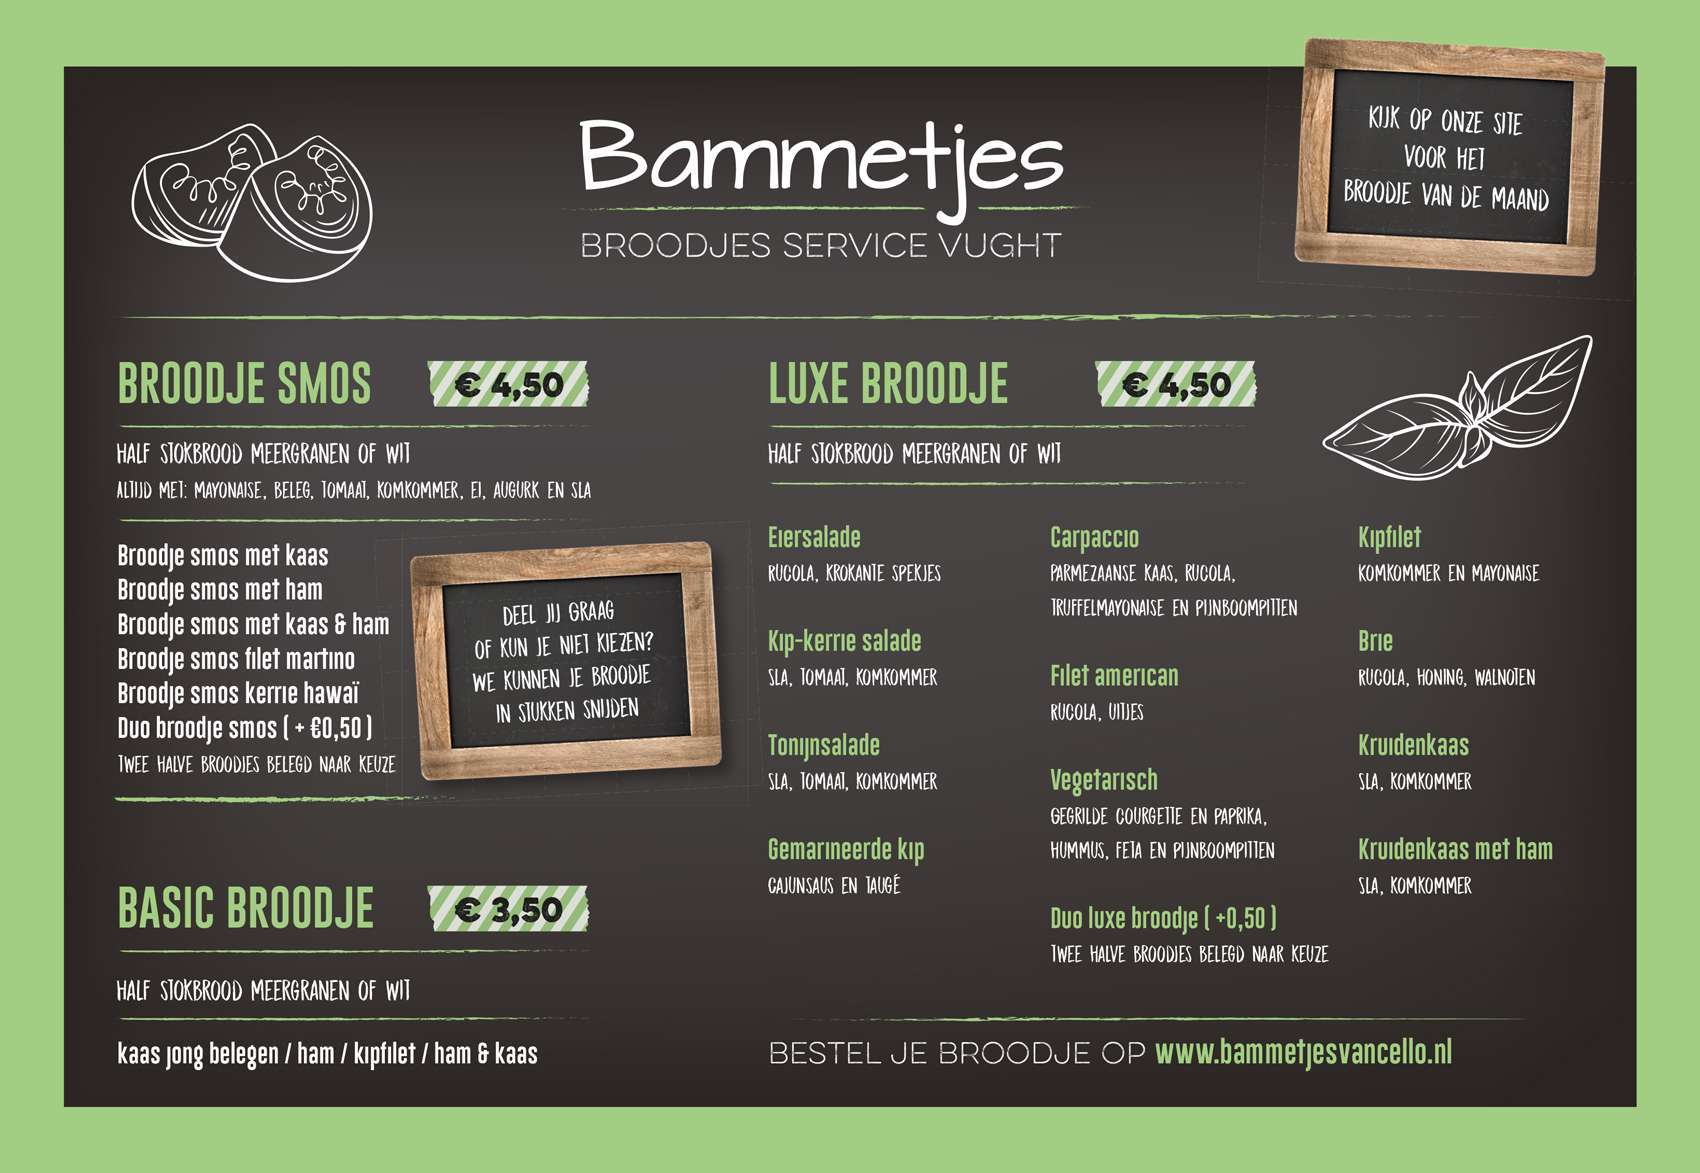 Bammetjes-menukaart-1